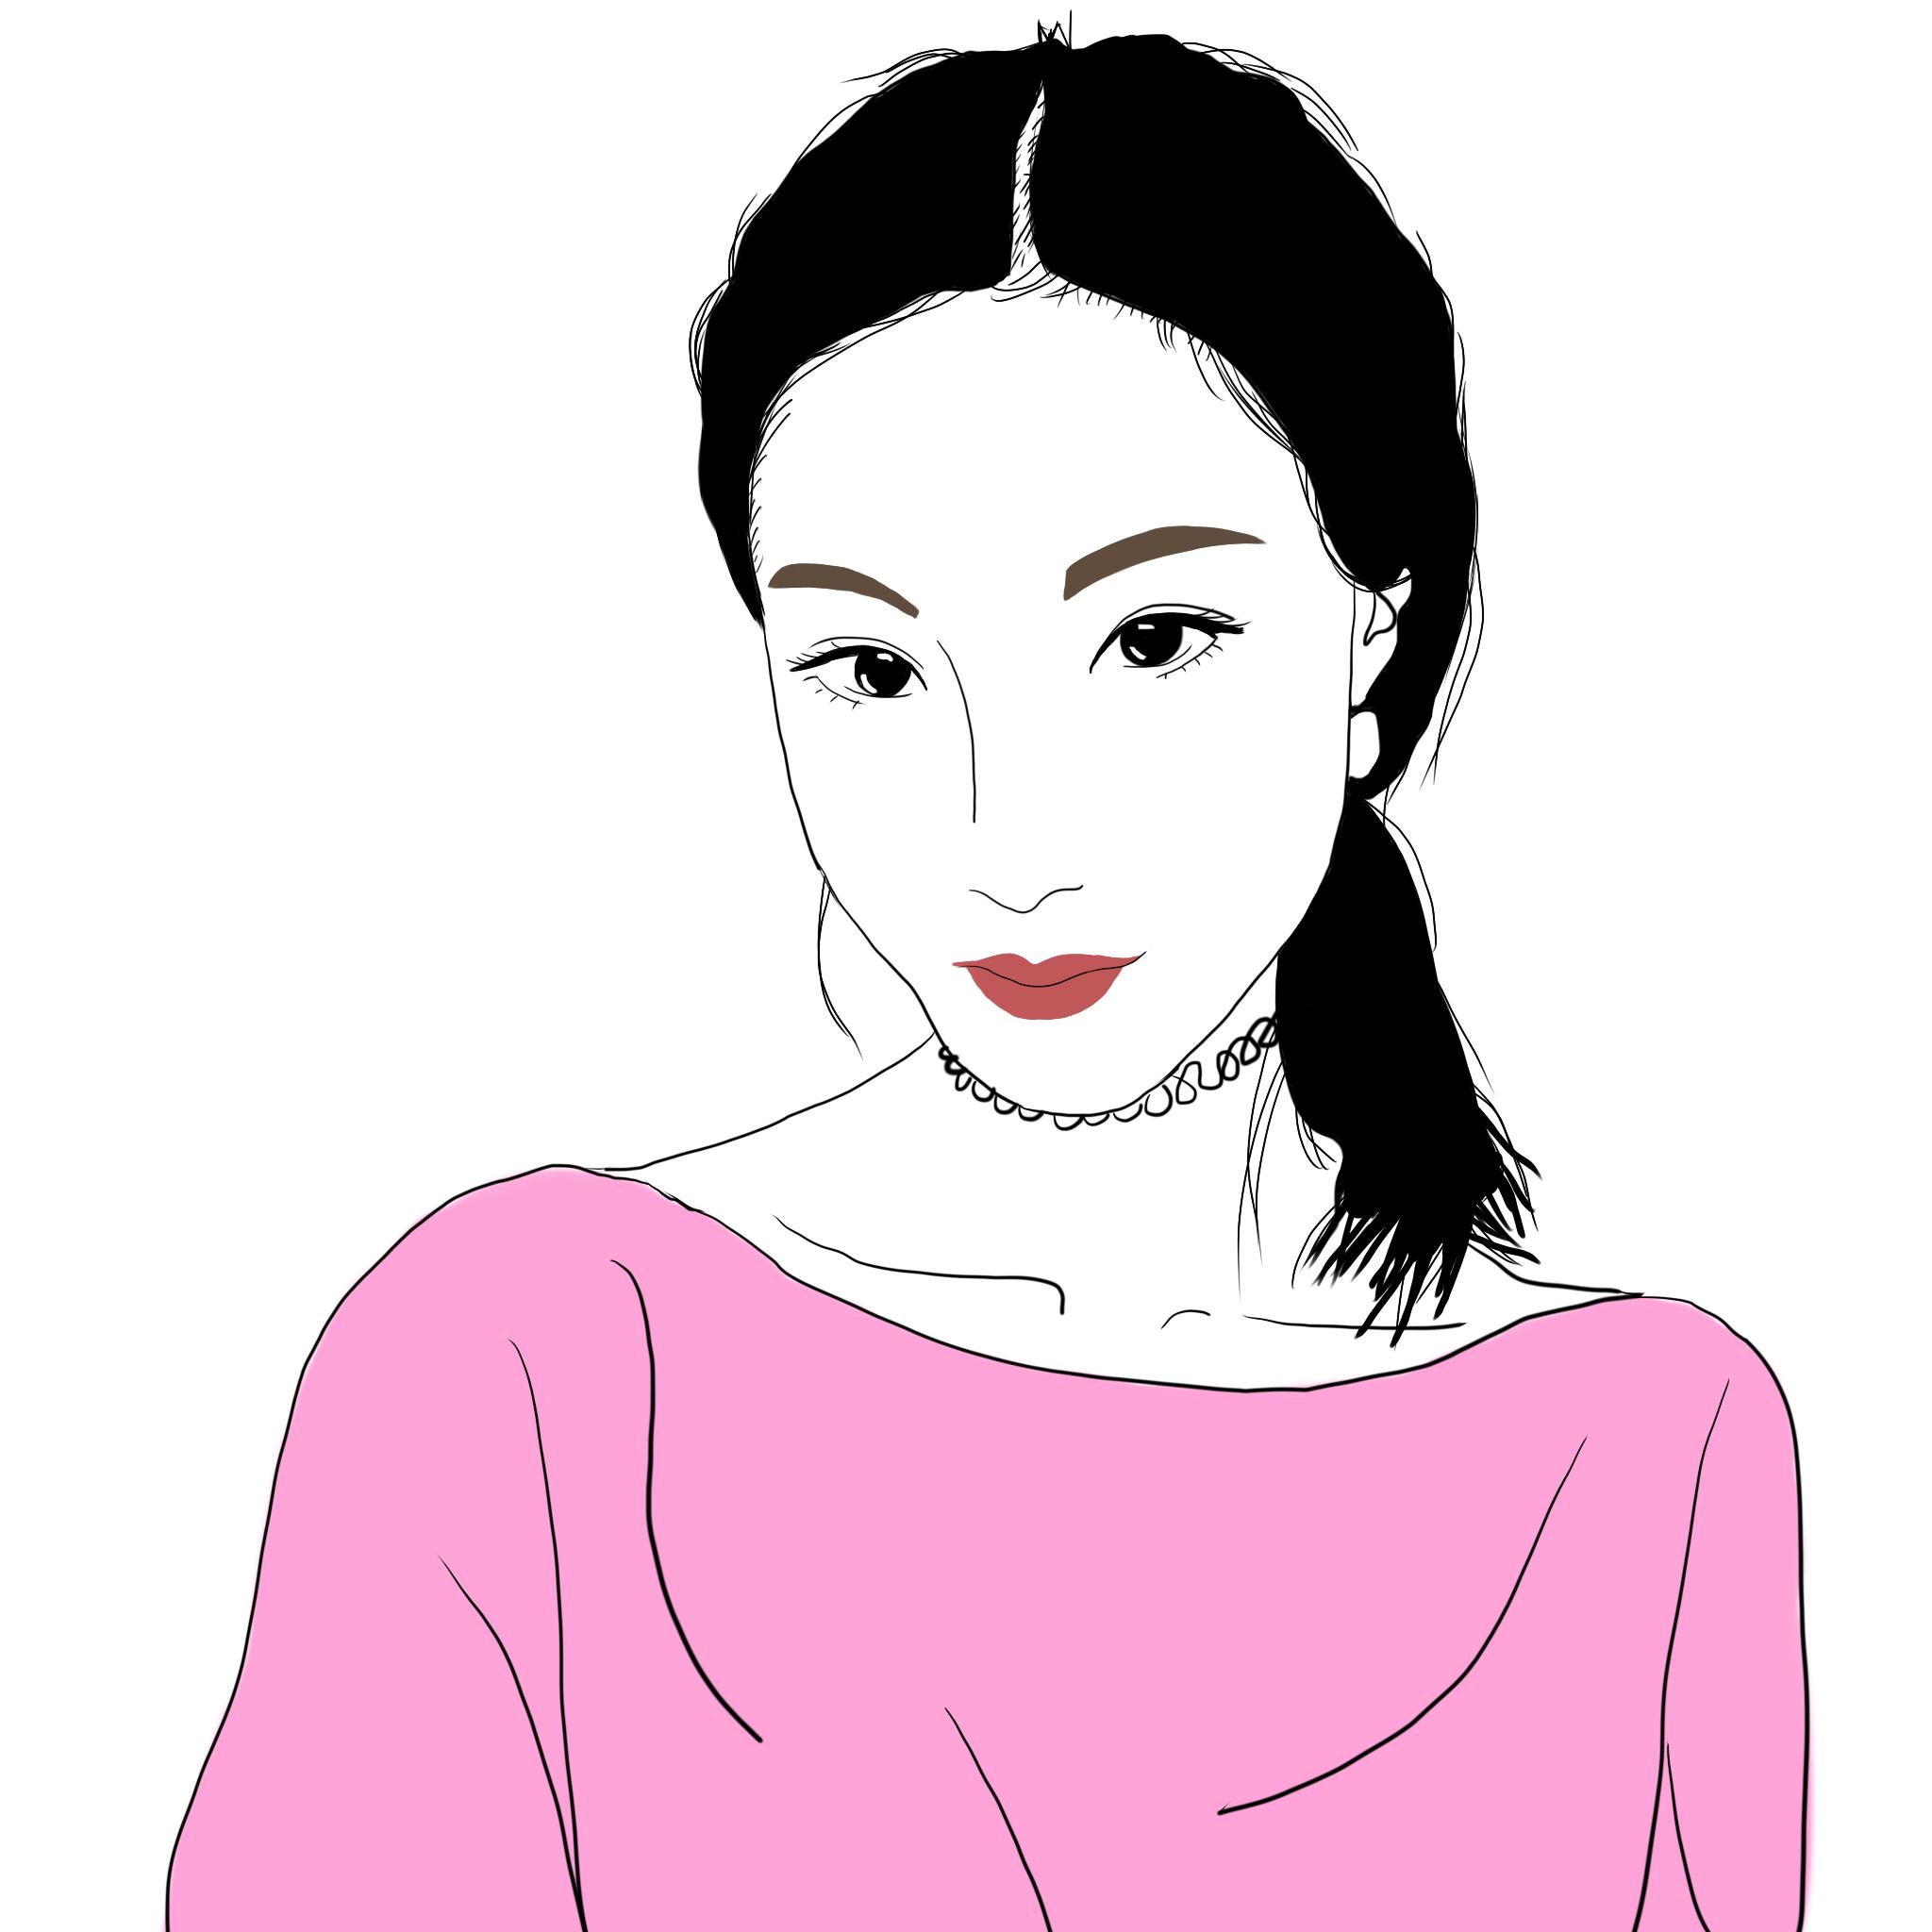 手绘头像|插画|插画习作|emily瑶 - 原创作品 - 站酷